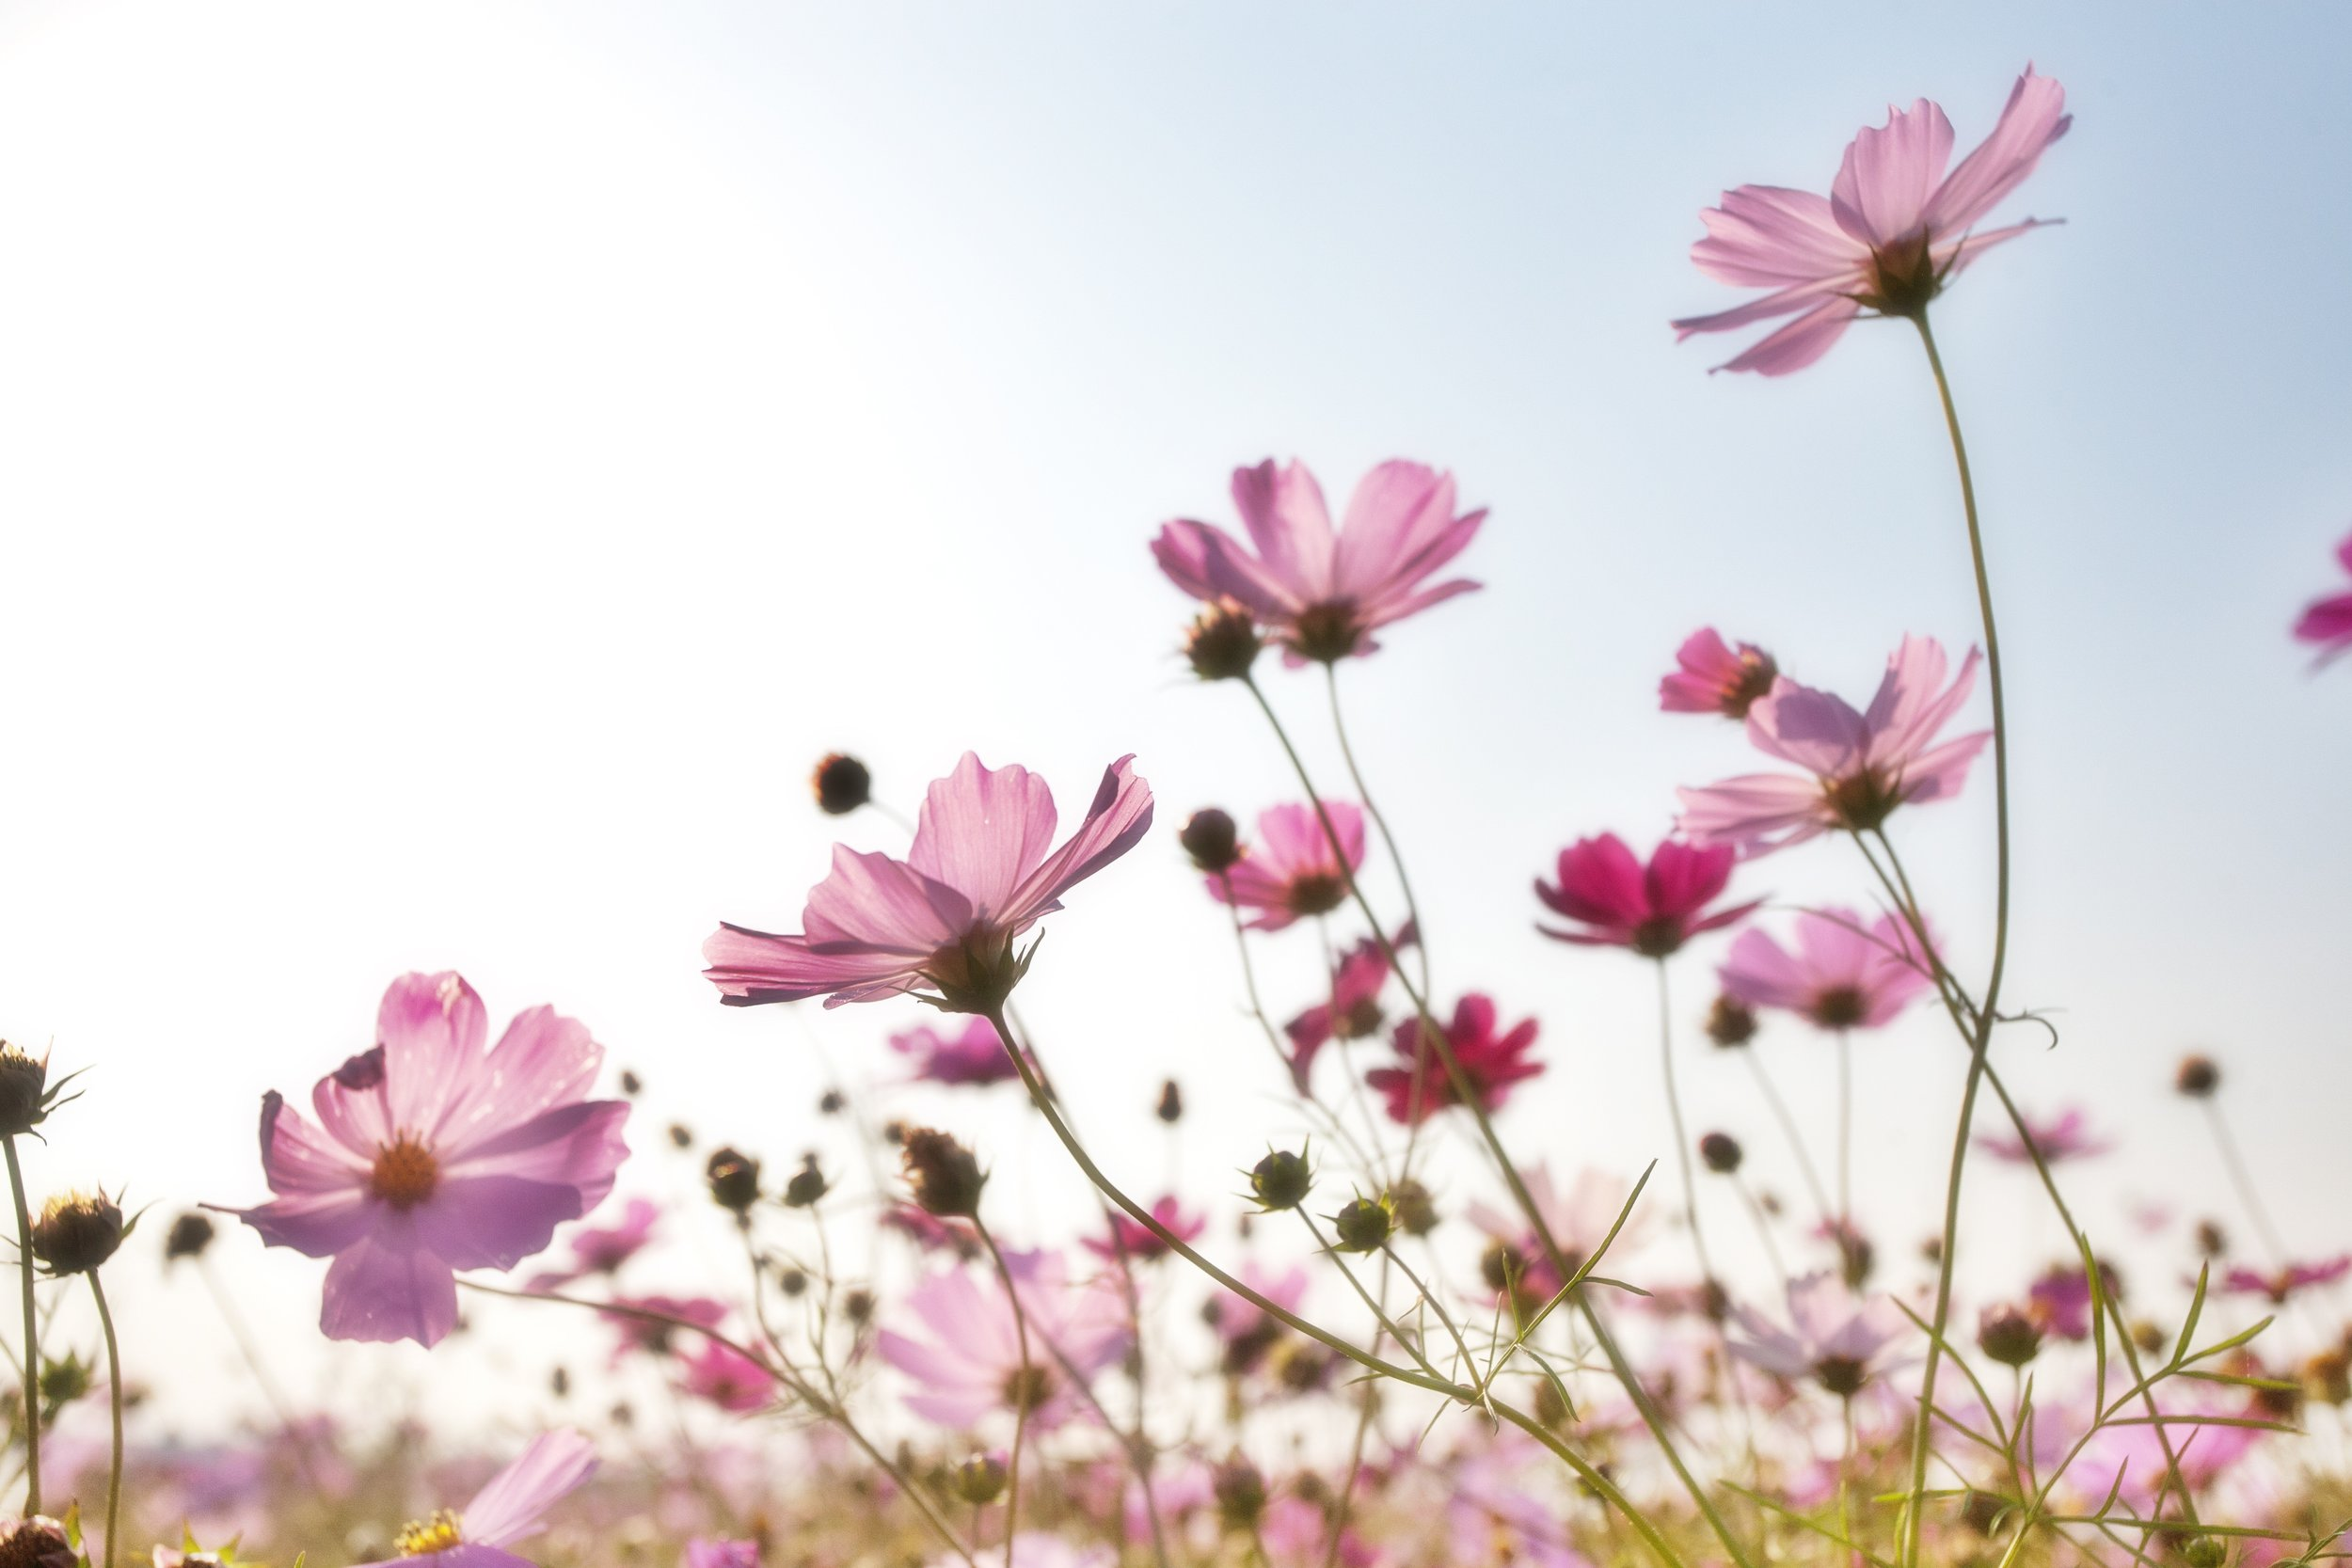 background-bloom-blooming-158756.jpg